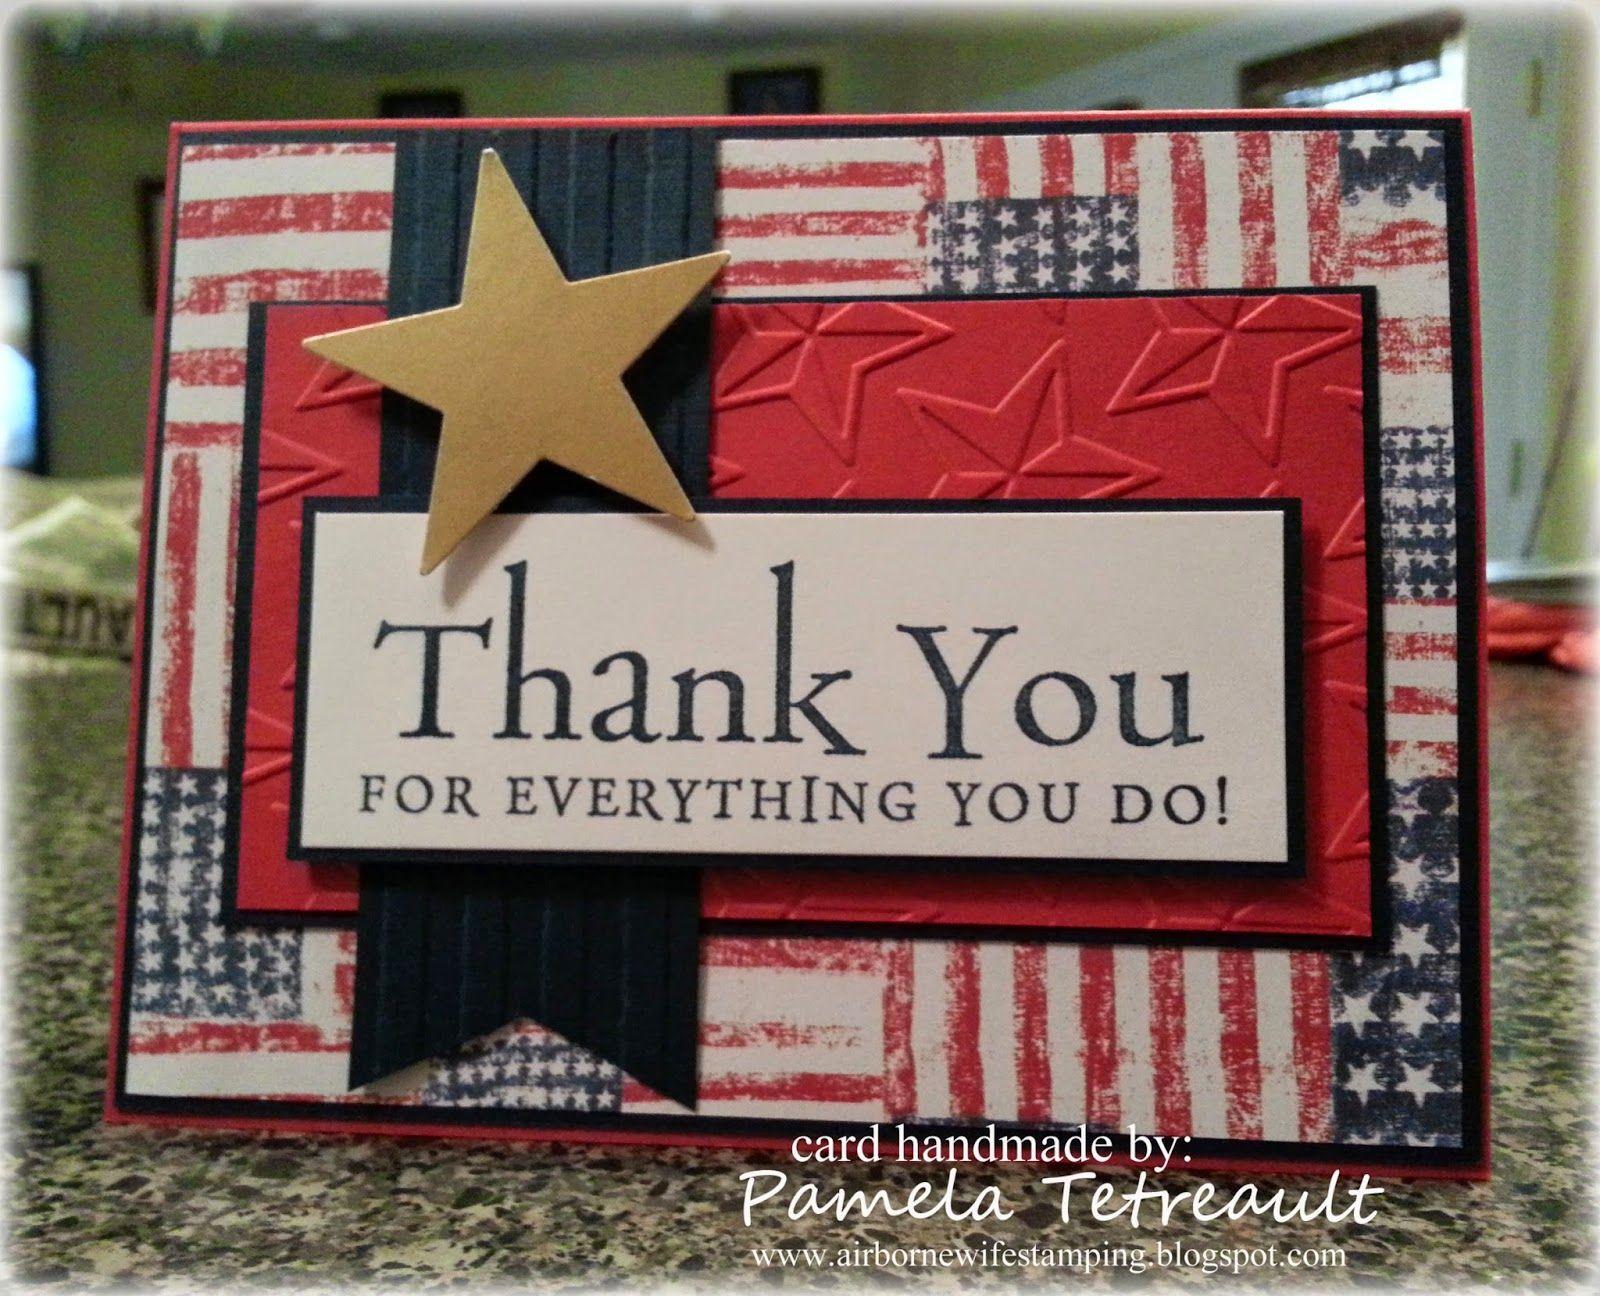 Operation write home memorial day blog hop thank you for everything operation write home memorial day blog hop thank you for everything you do expocarfo